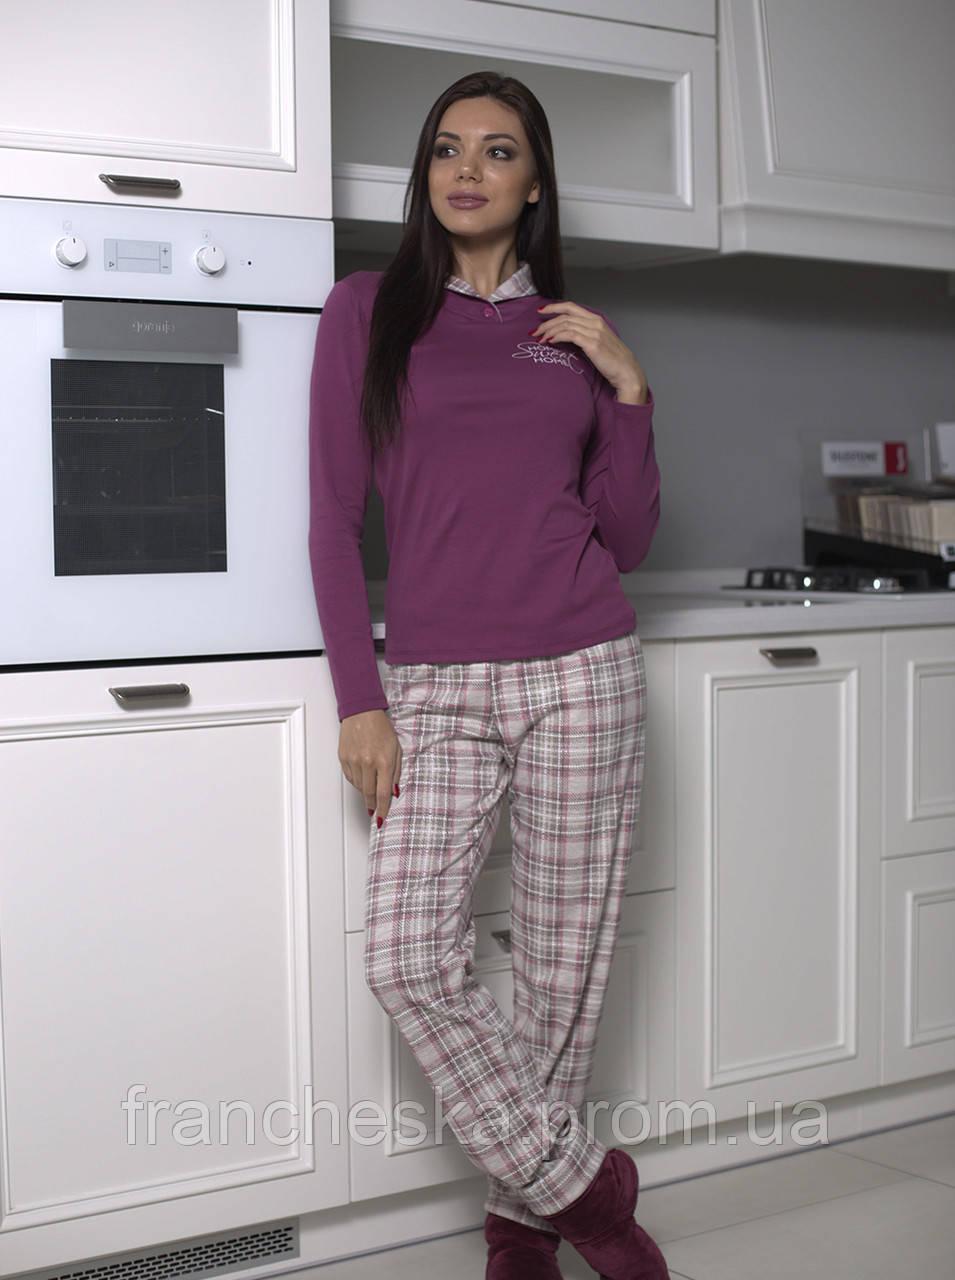 814d1c15ceec9 Женская теплая пижама из коллекции